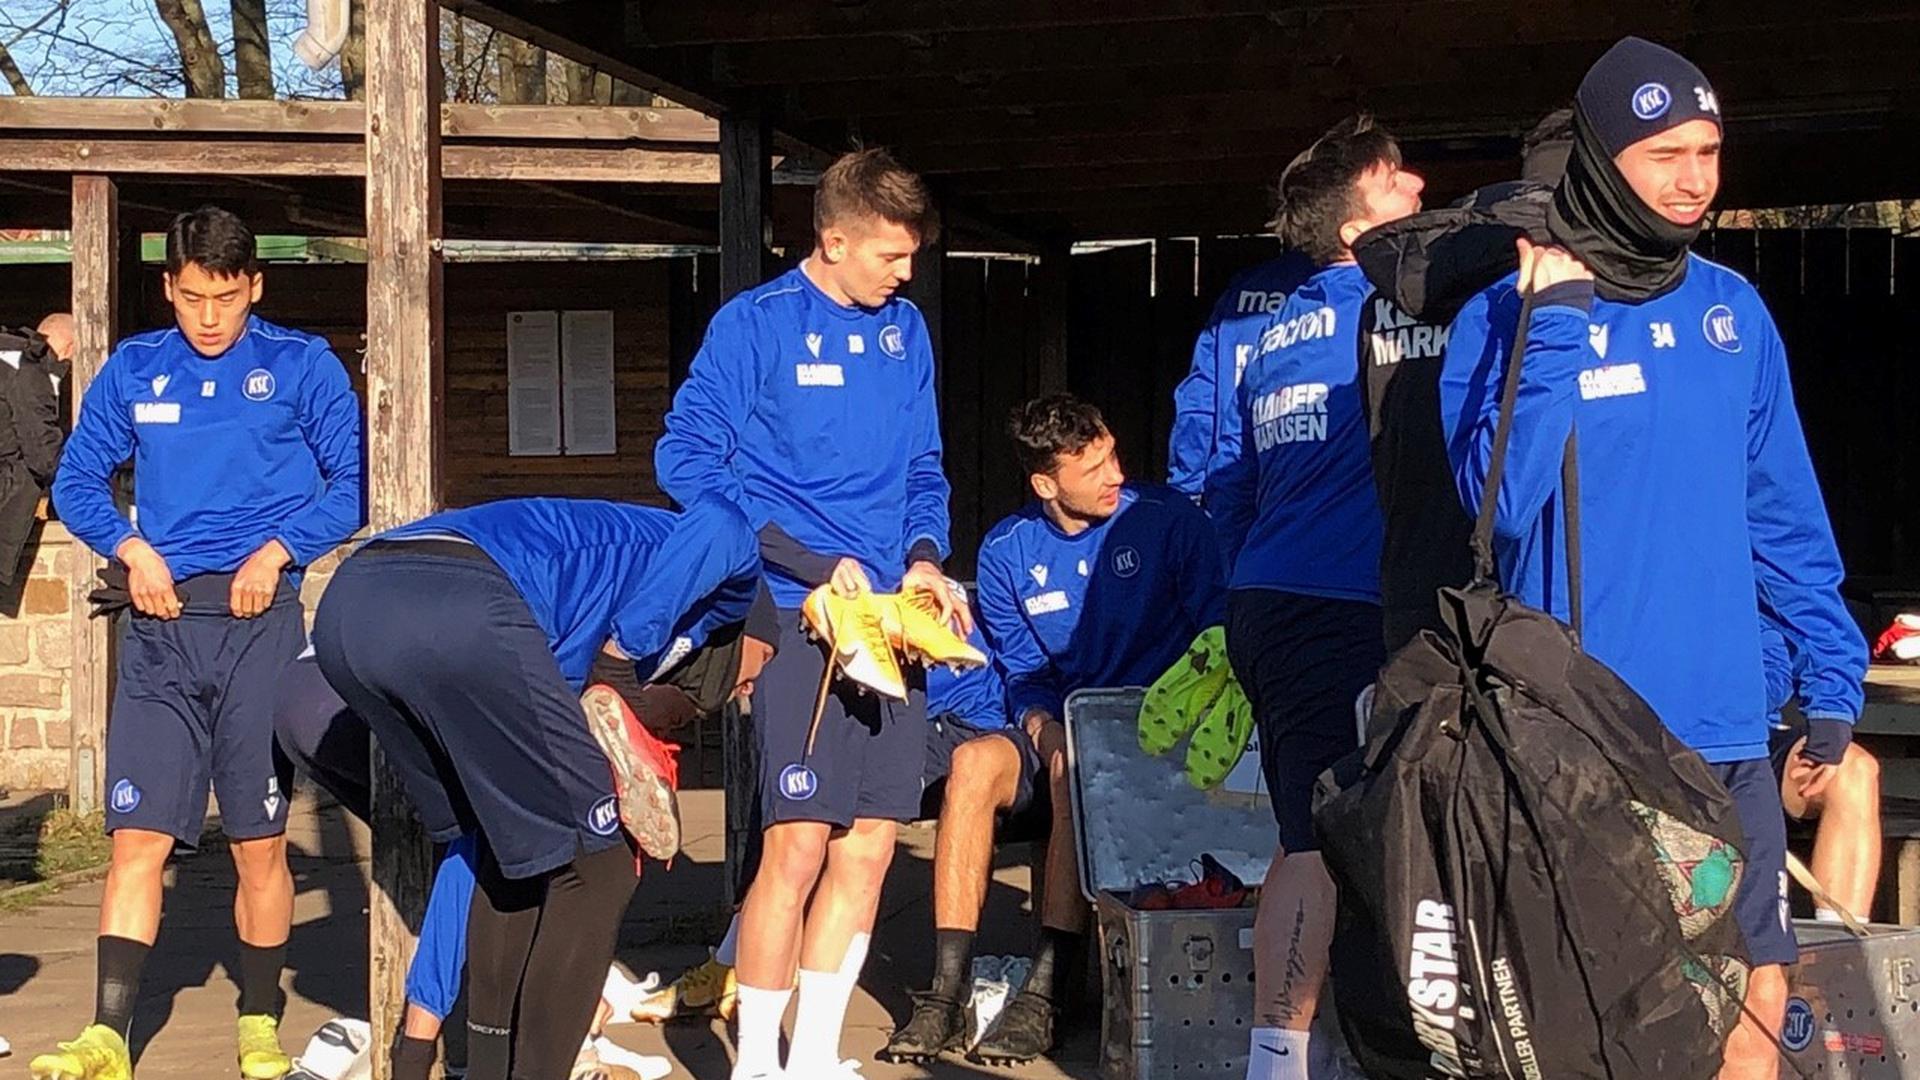 Fertigmachen für Kiel: Die Spieler des Karlsruher SC präparieren sich am Professor-Peters-Platz für die Abschlusseinheit, die wegen des harten Rasenplatzes dann kurz ausfällt.